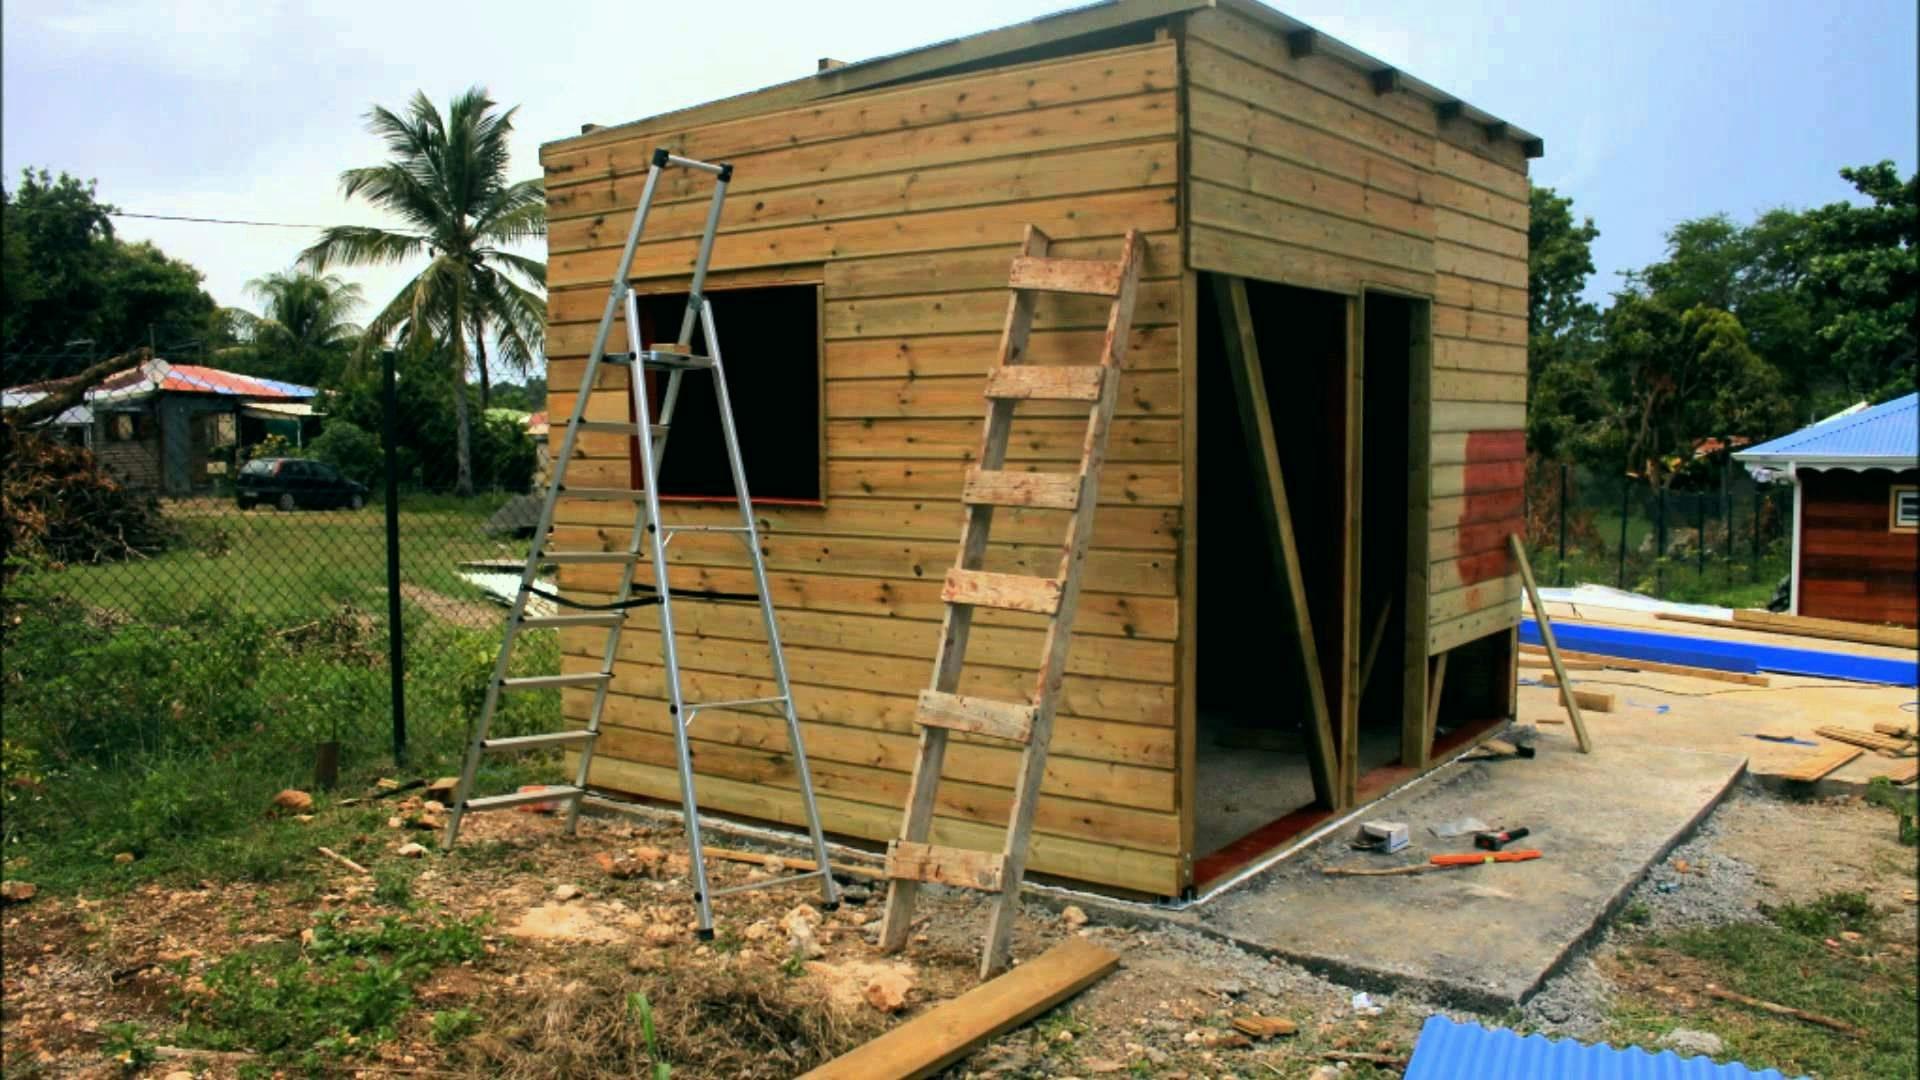 cabane de jardin 20m2 unique brico depot cabane de jardin unique galerie xylophene meuble 0d of cabane de jardin 20m2